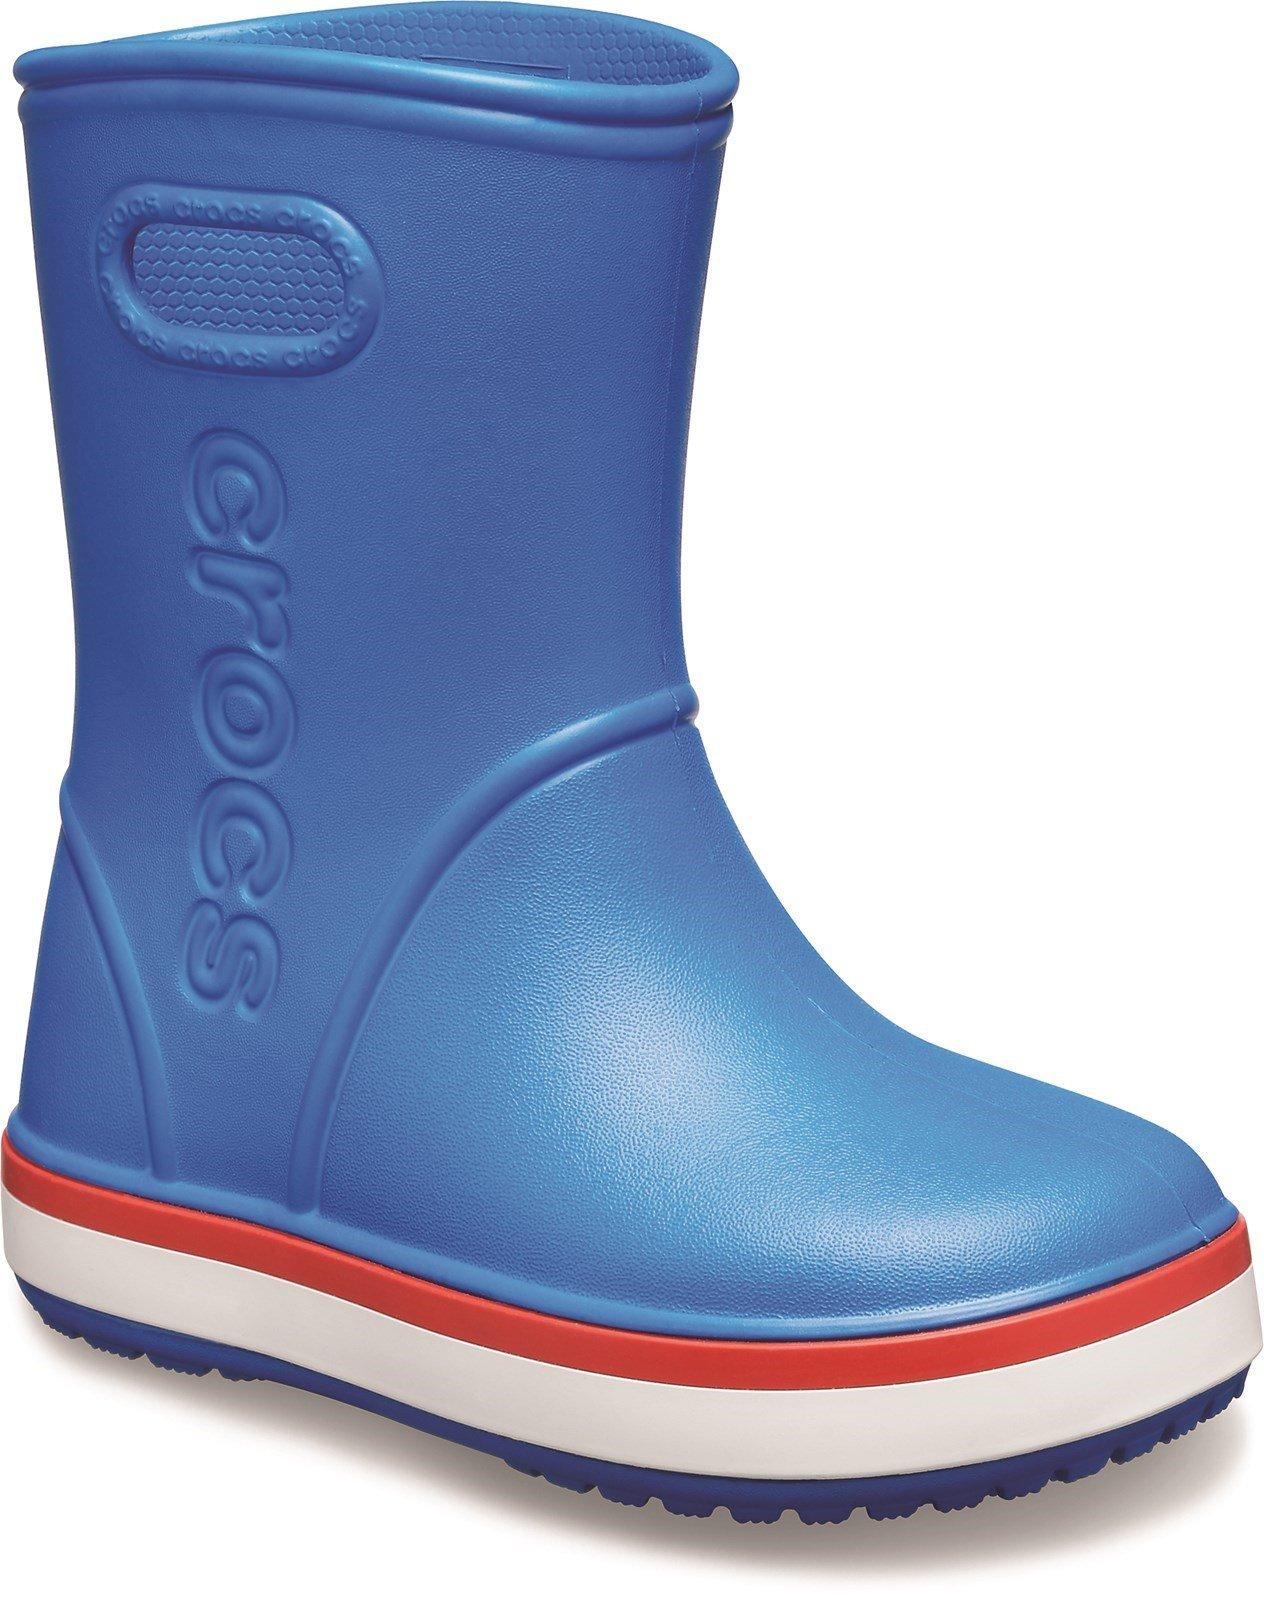 Crocs Kid's Rainboot Pull On Wellington Boot 31461 - Mid Blue 6